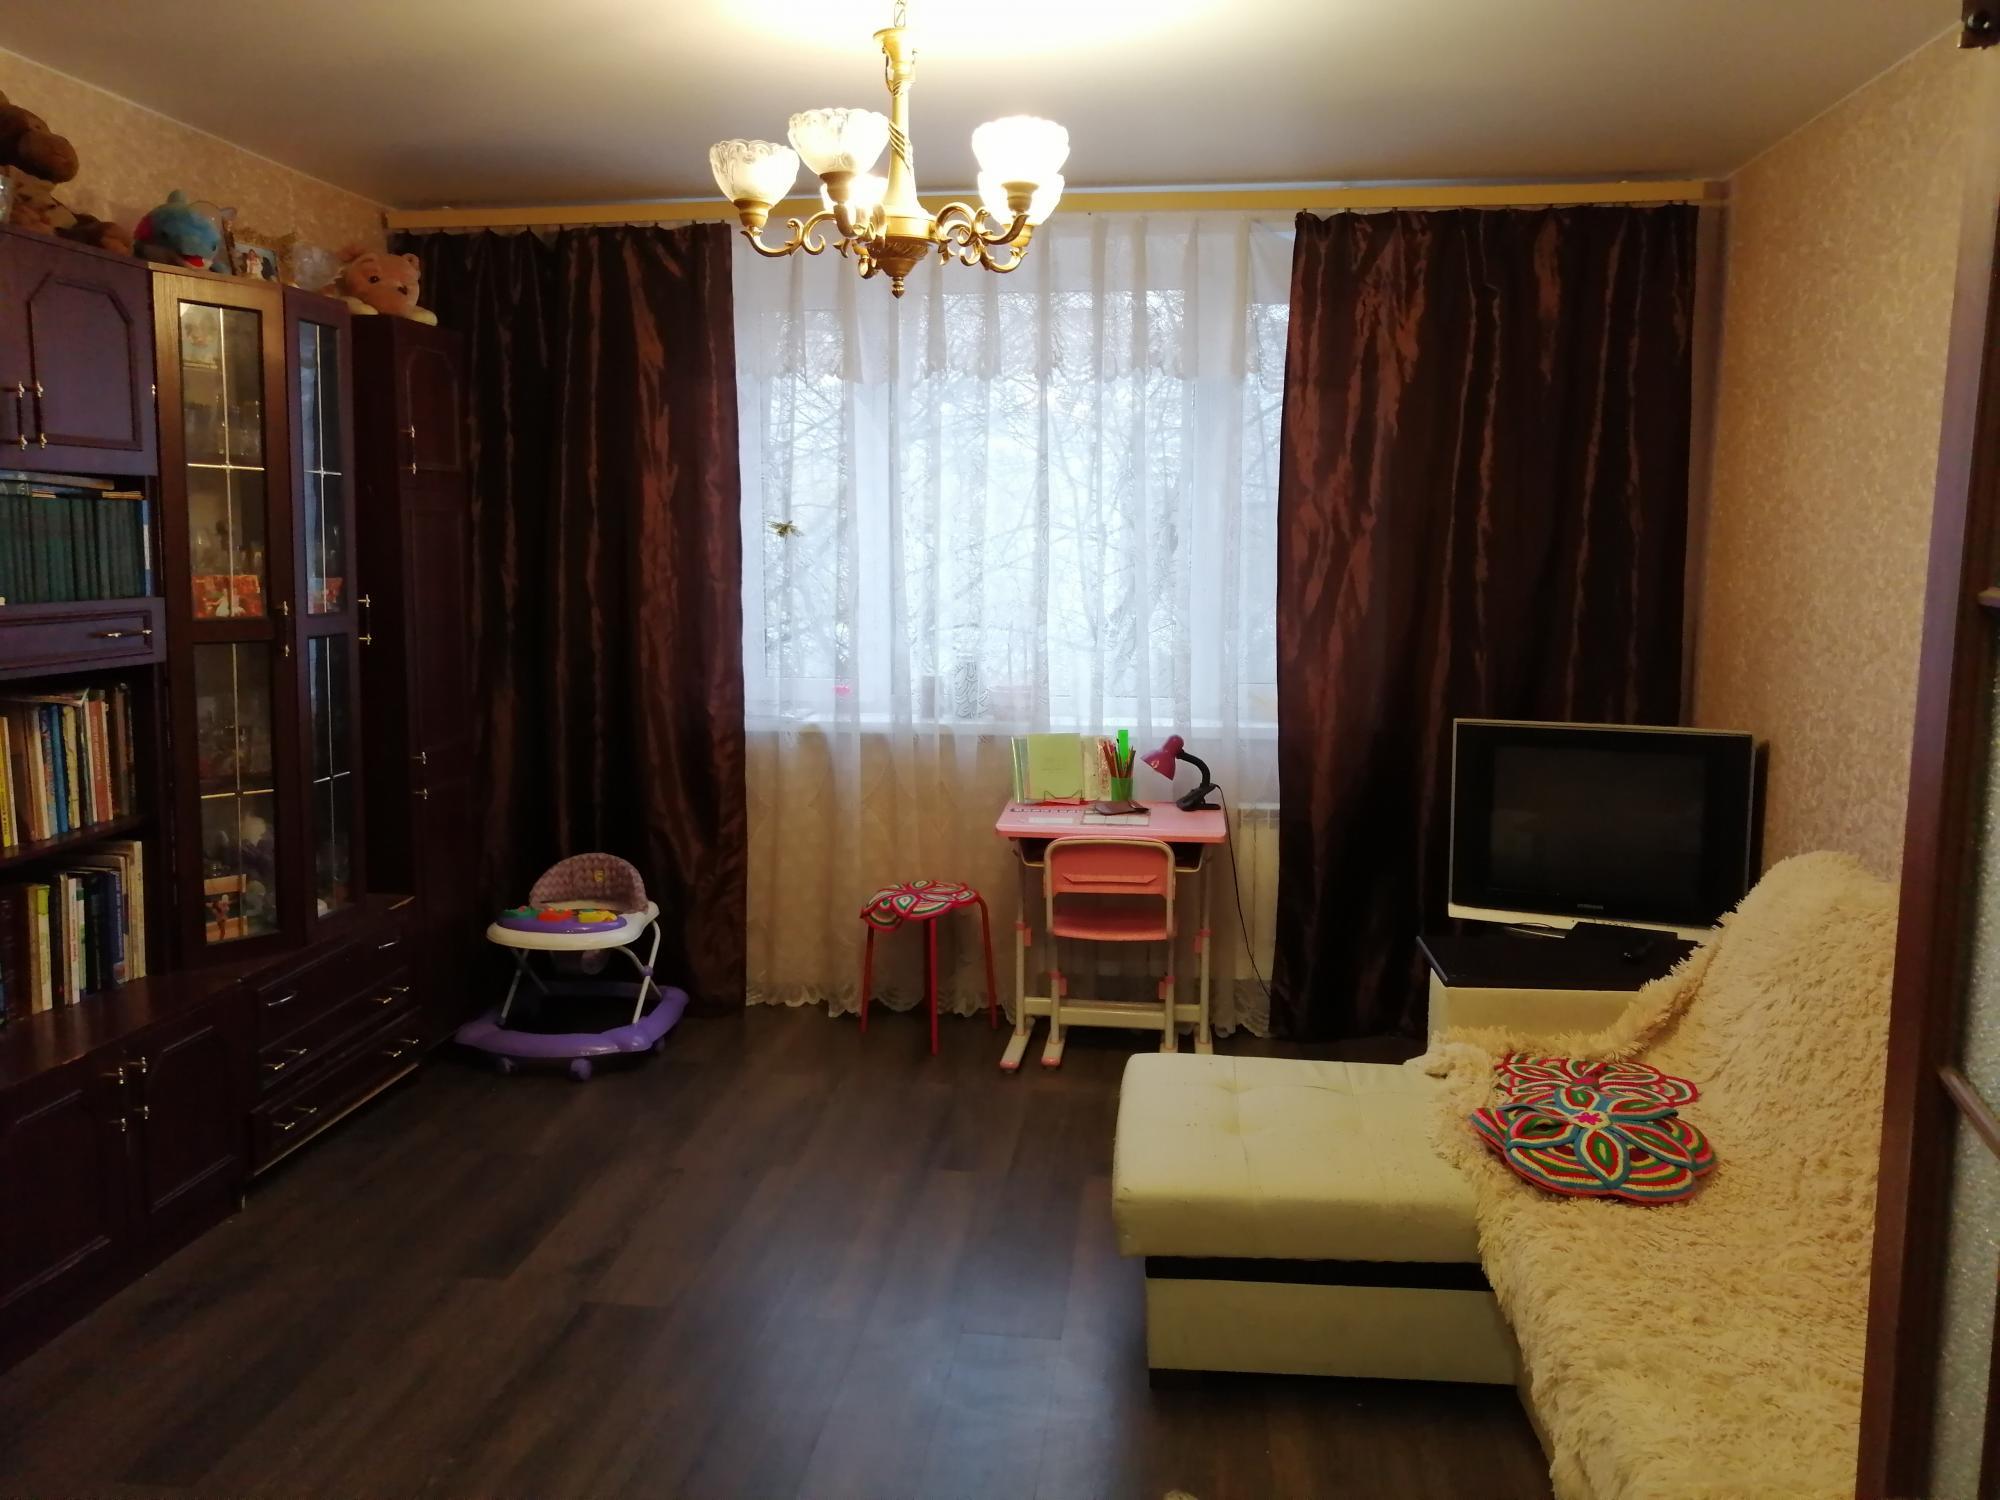 Квартира, 4 комнаты, 7.8 м²